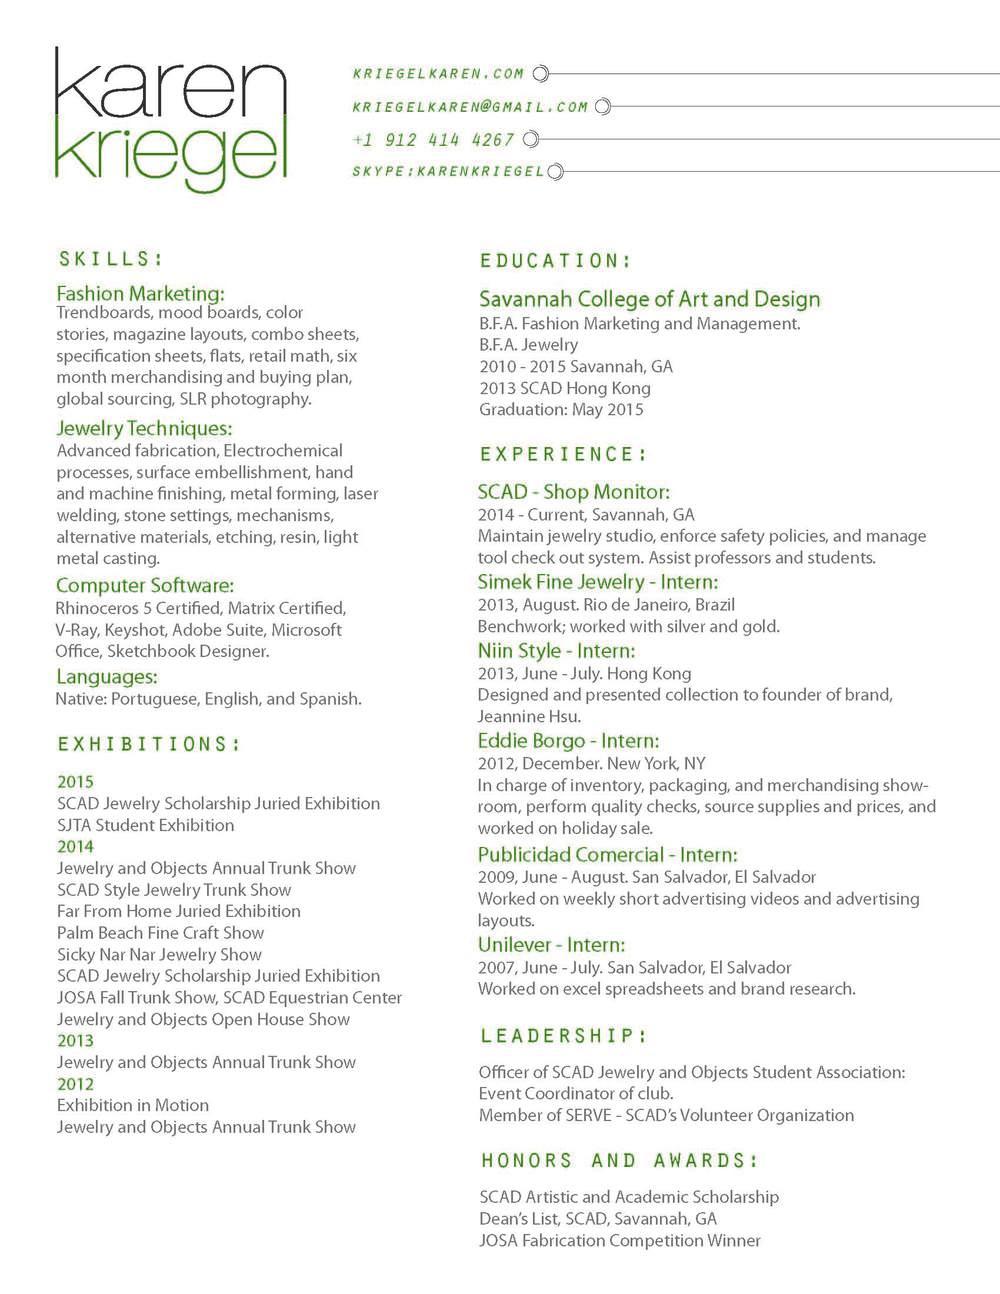 Karen Kriegel's Resume!